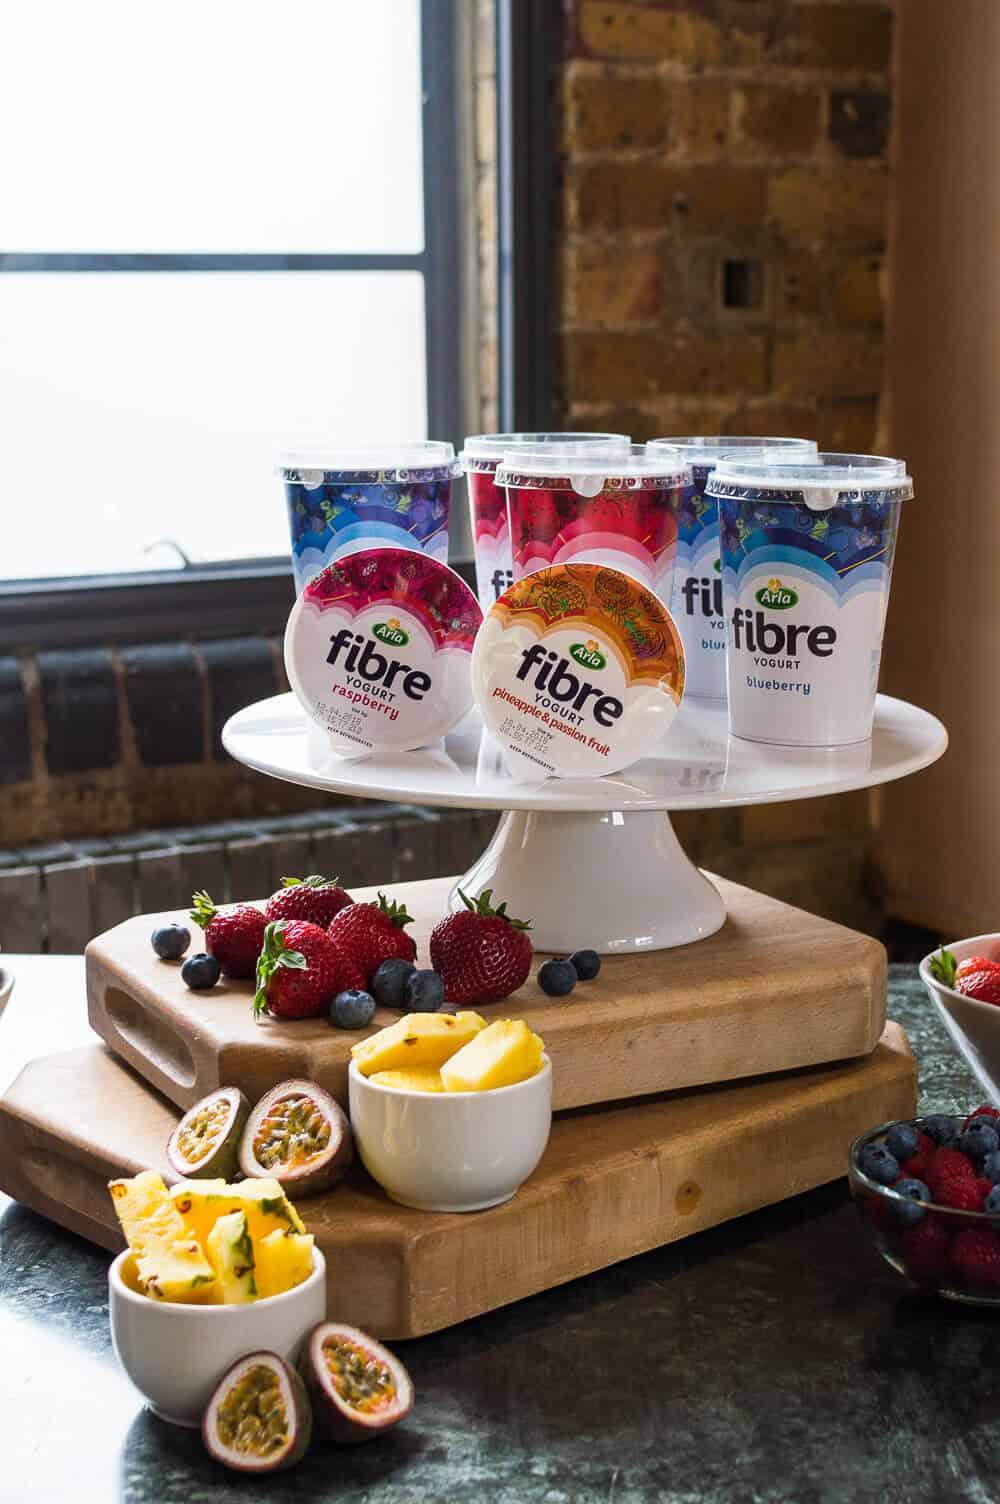 arla fibre yogurts